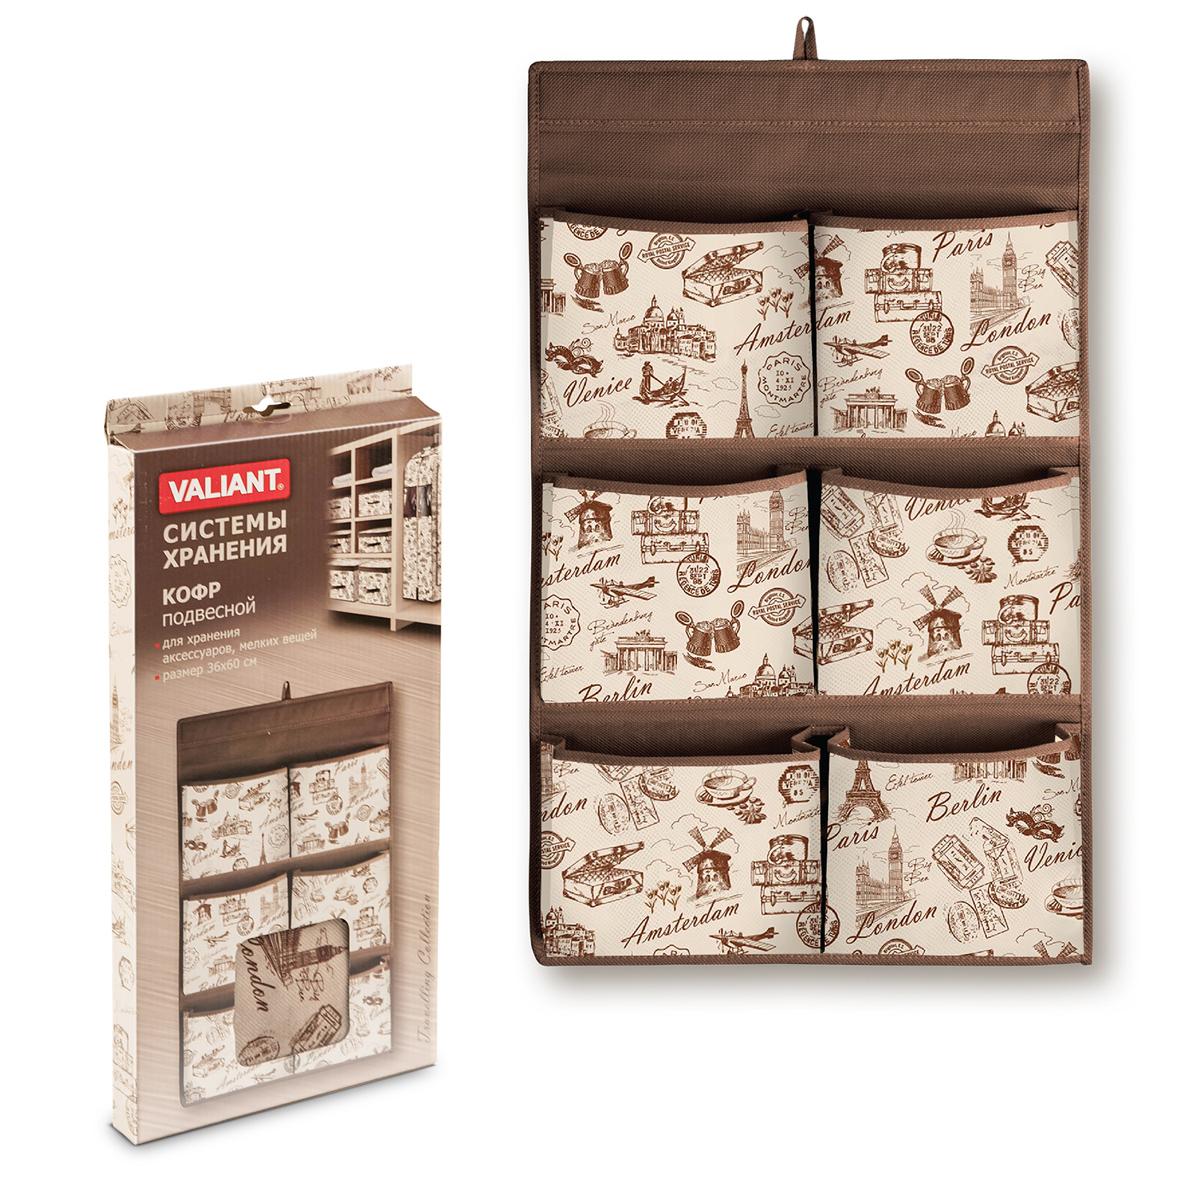 """Подвесной кофр для мелких вещей Valiant """"Travelling"""" изготовлен из высококачественного нетканого материала (спанбонда), который обеспечивает естественную вентиляцию, позволяя воздуху проникать внутрь, но не пропускает пыль. Кофр очень удобен в использовании. Он снабжен 6 вместительными открытыми кармашками для хранения аксессуаров и мелких вещей. Изделие снабжено петелькой для подвешивания на крючок.  Оригинальный дизайн погружает в атмосферу путешествий по разным городам и странам. Системы хранения в едином дизайне сделают вашу гардеробную красивой и невероятно стильной."""